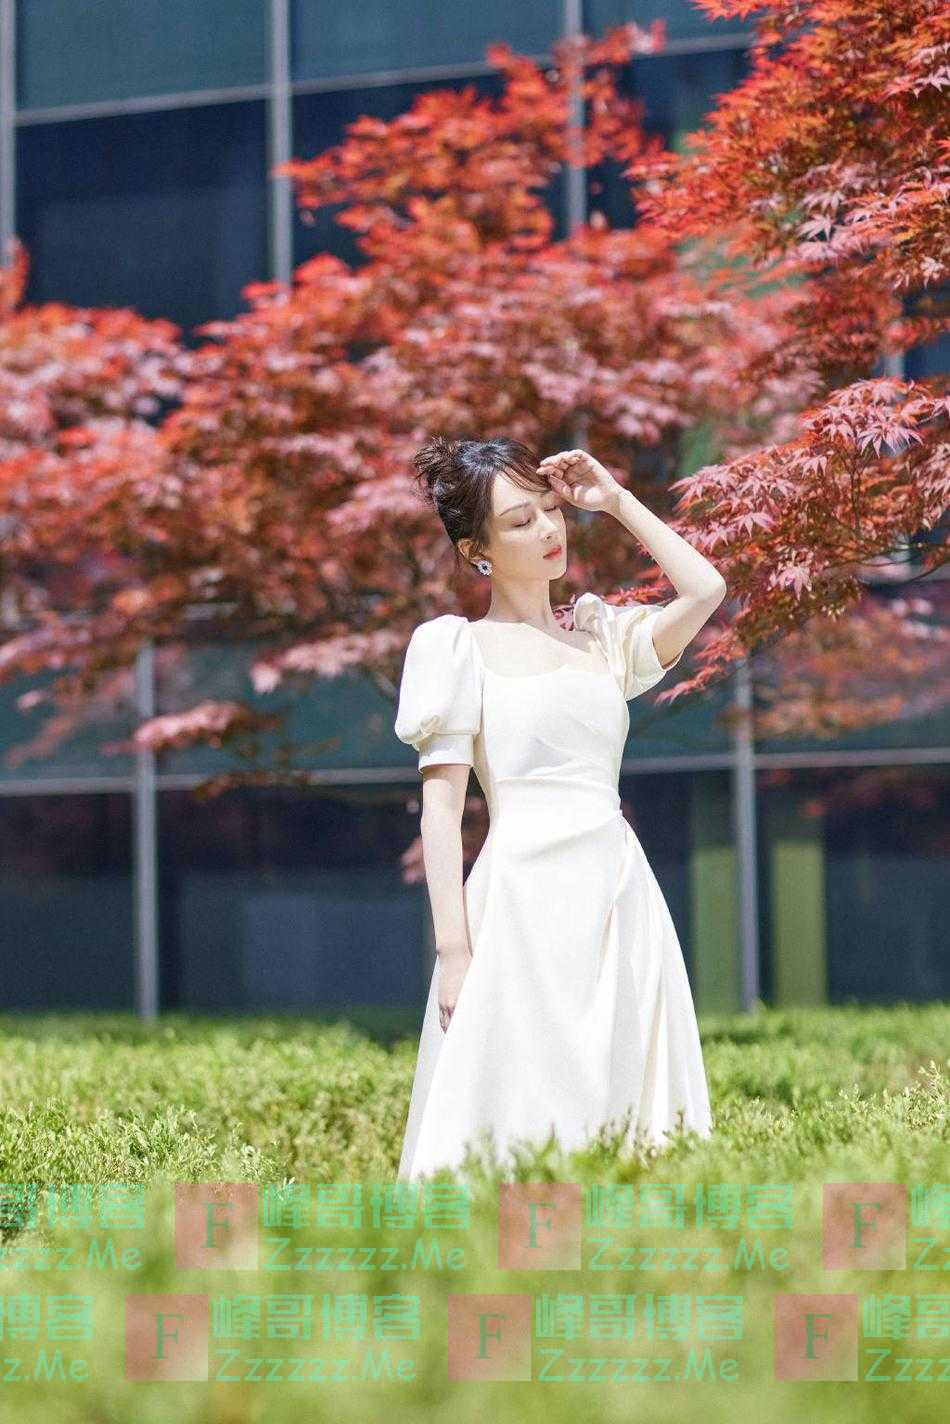 杨紫穿白裙置身红叶中 低头浅笑温婉可人